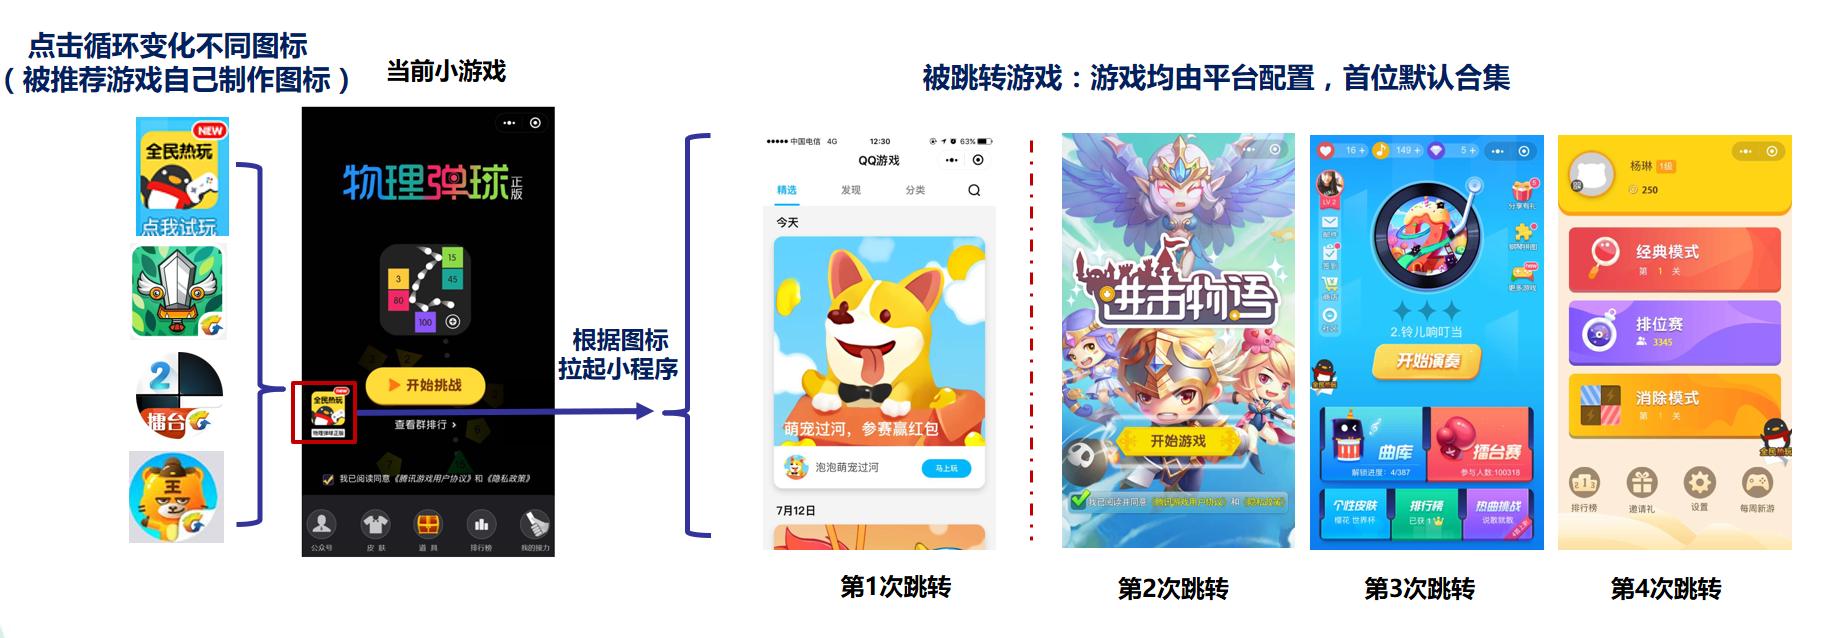 移动版QQgame大厅接入-QQ游戏合作商服务平台